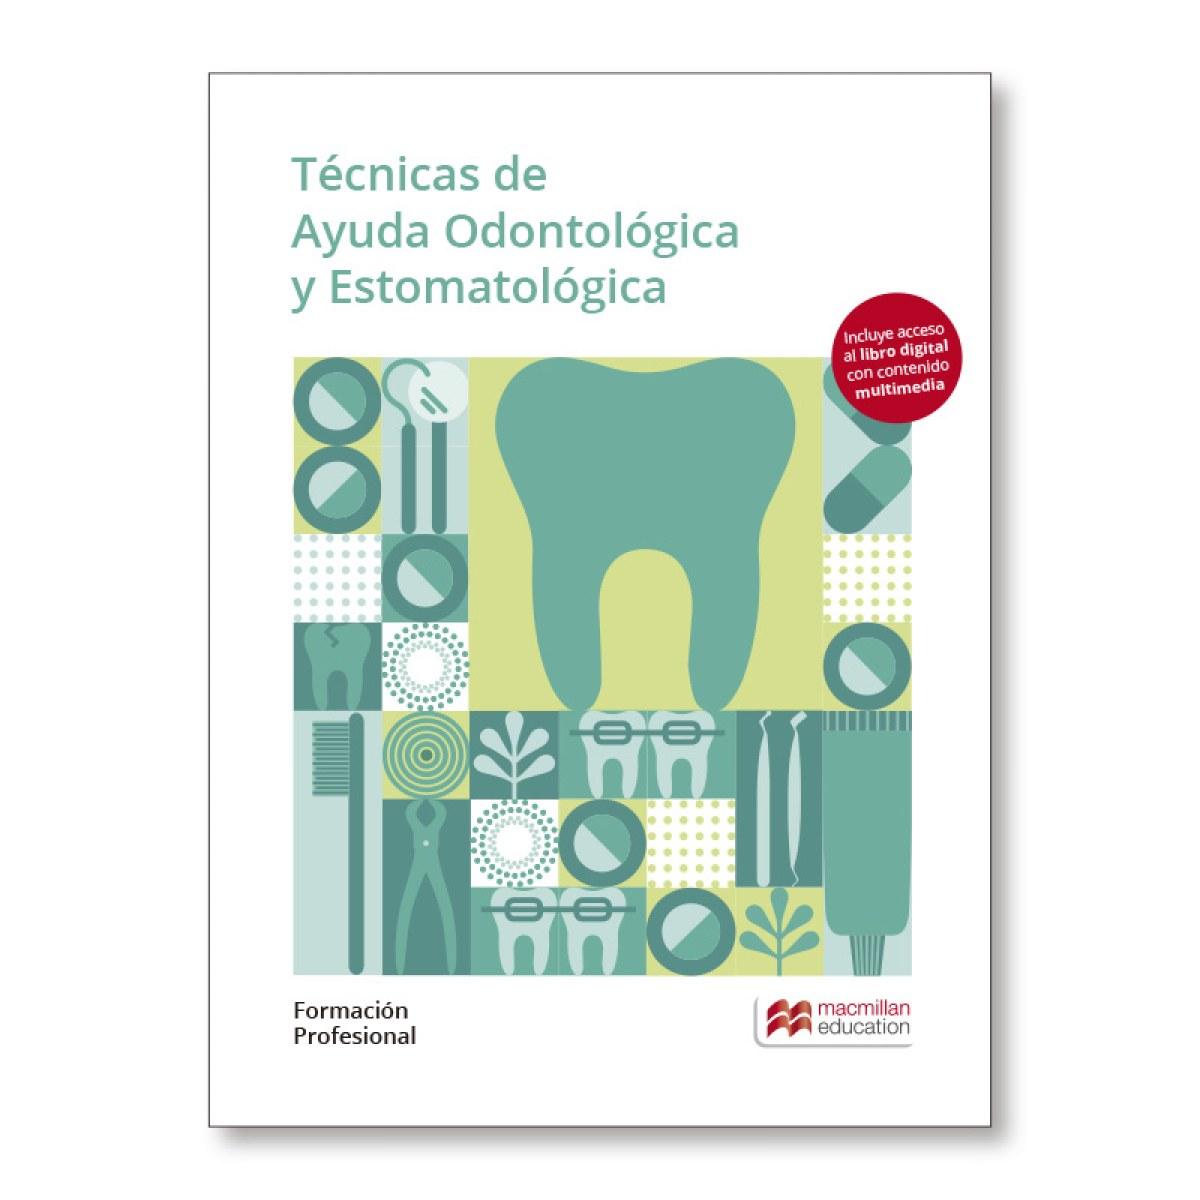 TÉCNICAS DE AYUDA ODONTOLÓGICA Y ESTOMATOLÓGICA. FORMACIÓN PROFESIONAL 2019